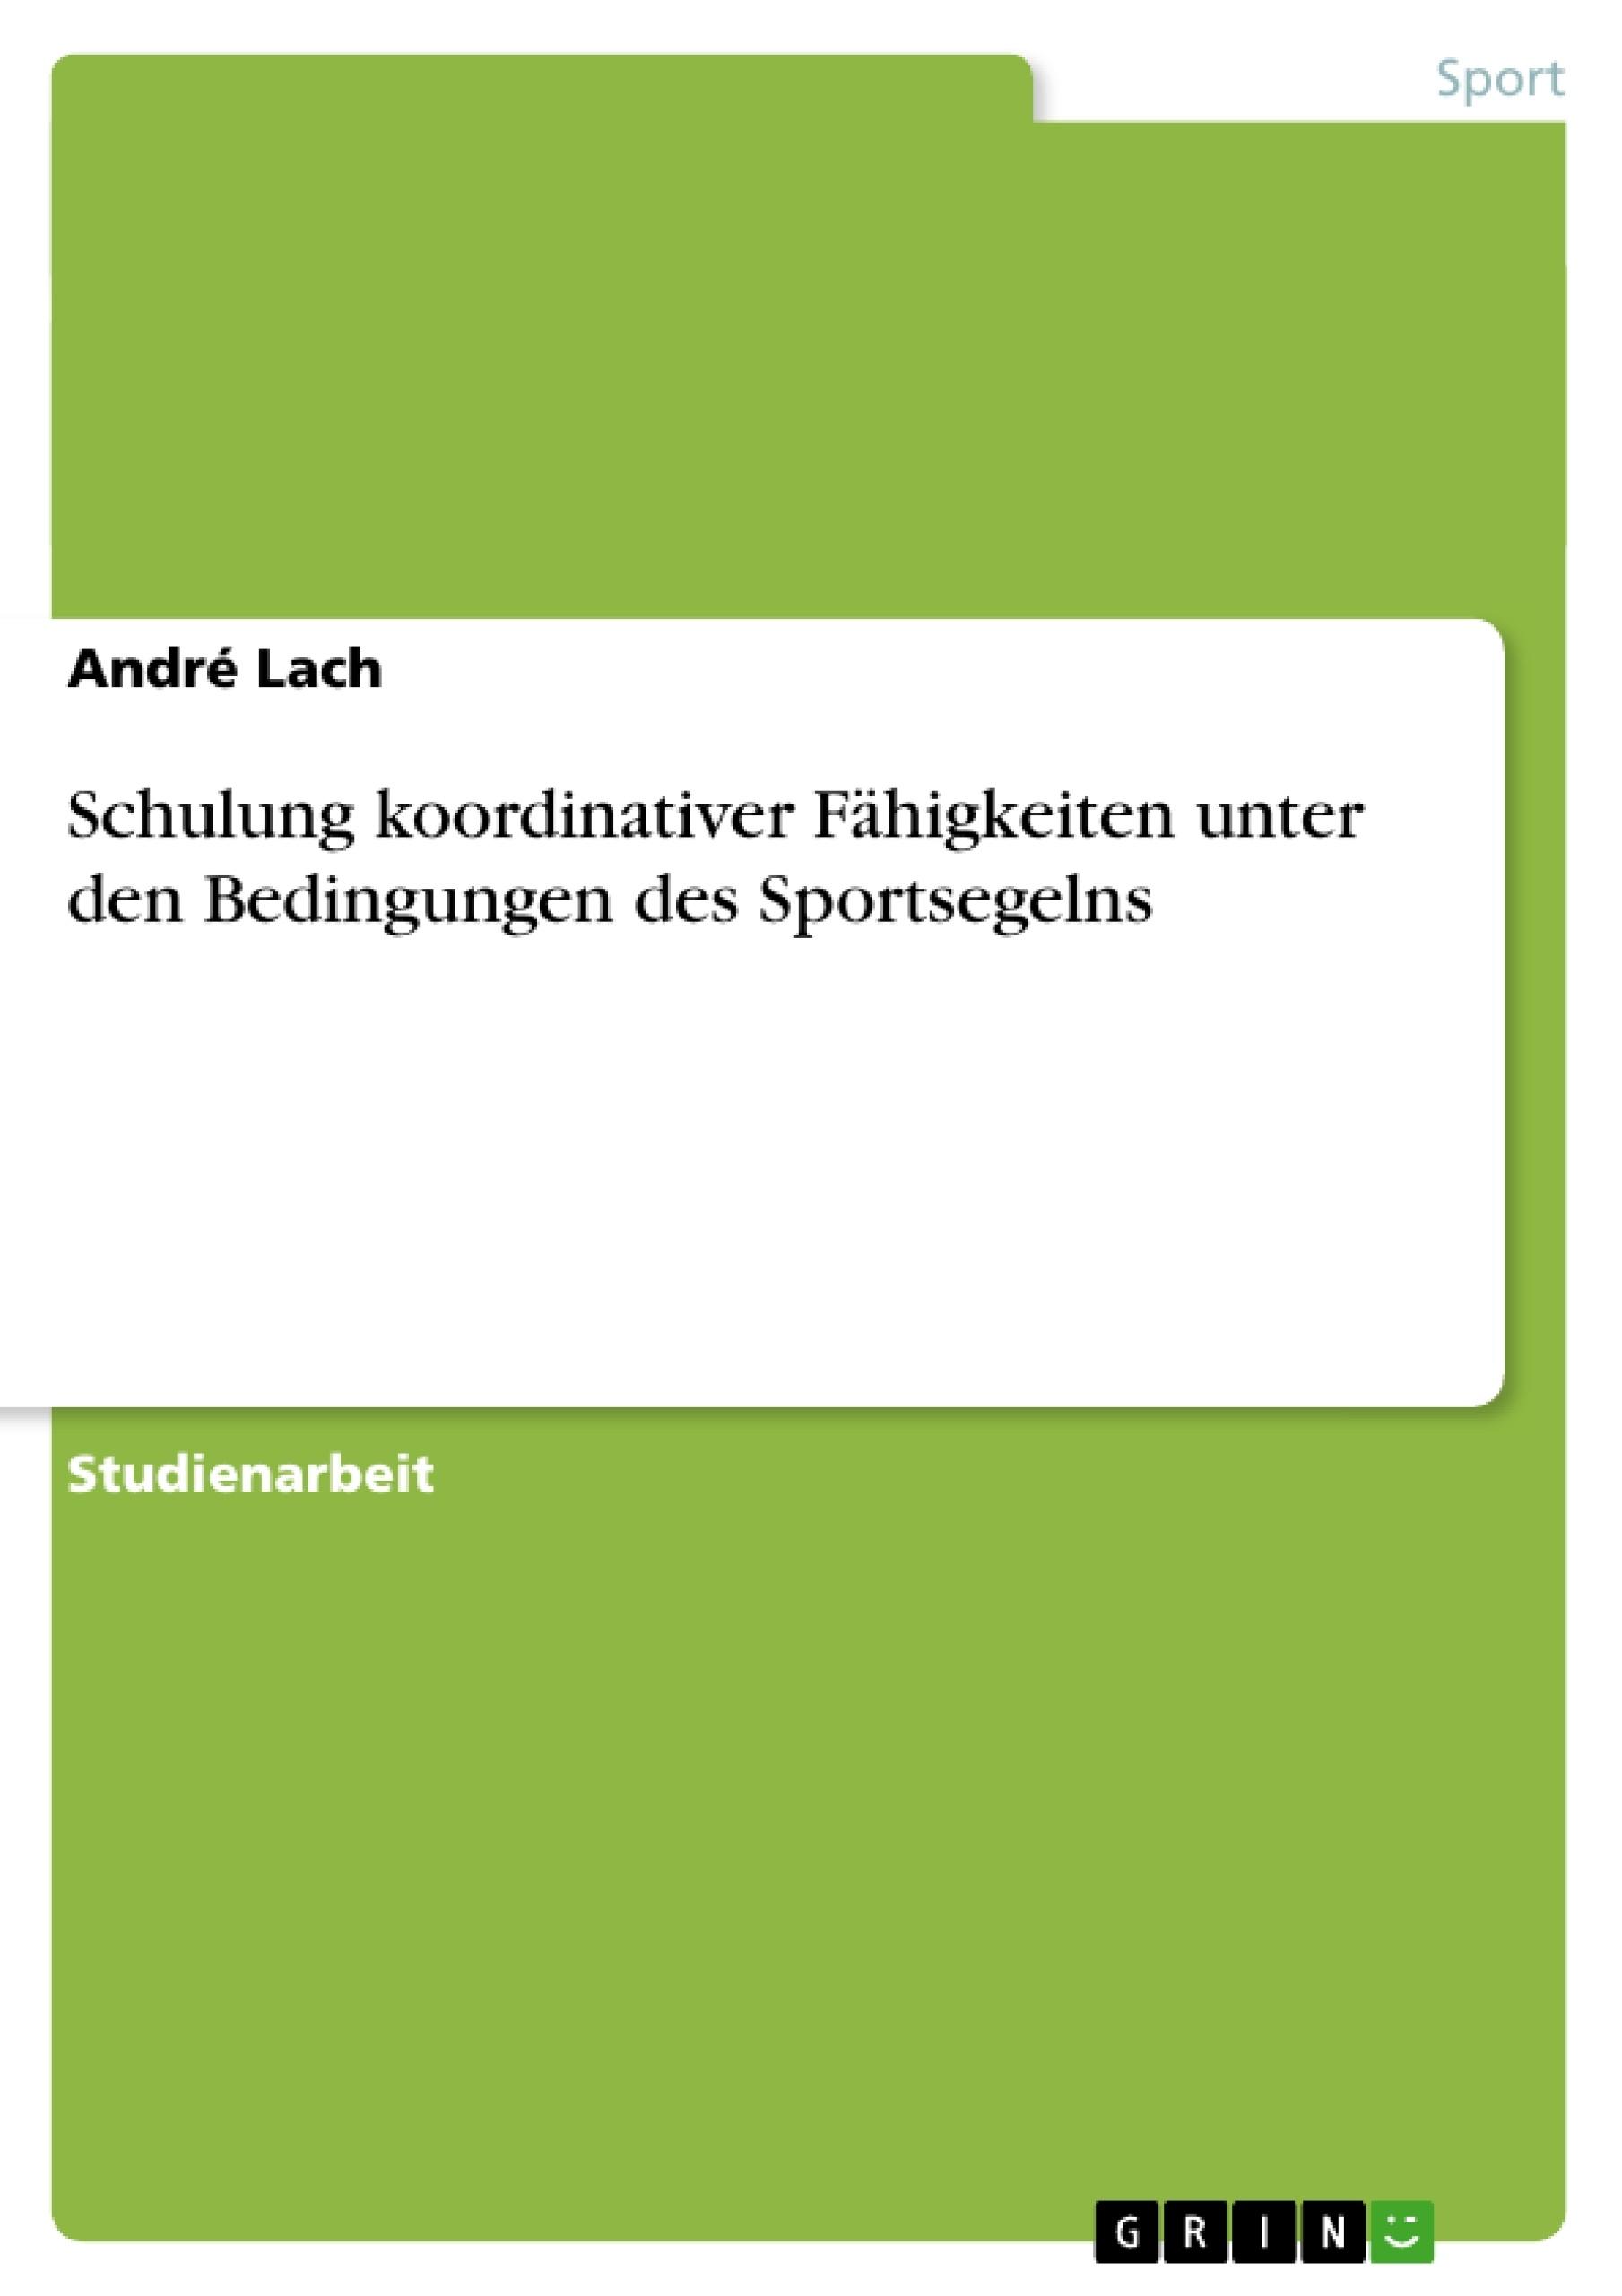 Titel: Schulung koordinativer Fähigkeiten unter den Bedingungen des Sportsegelns